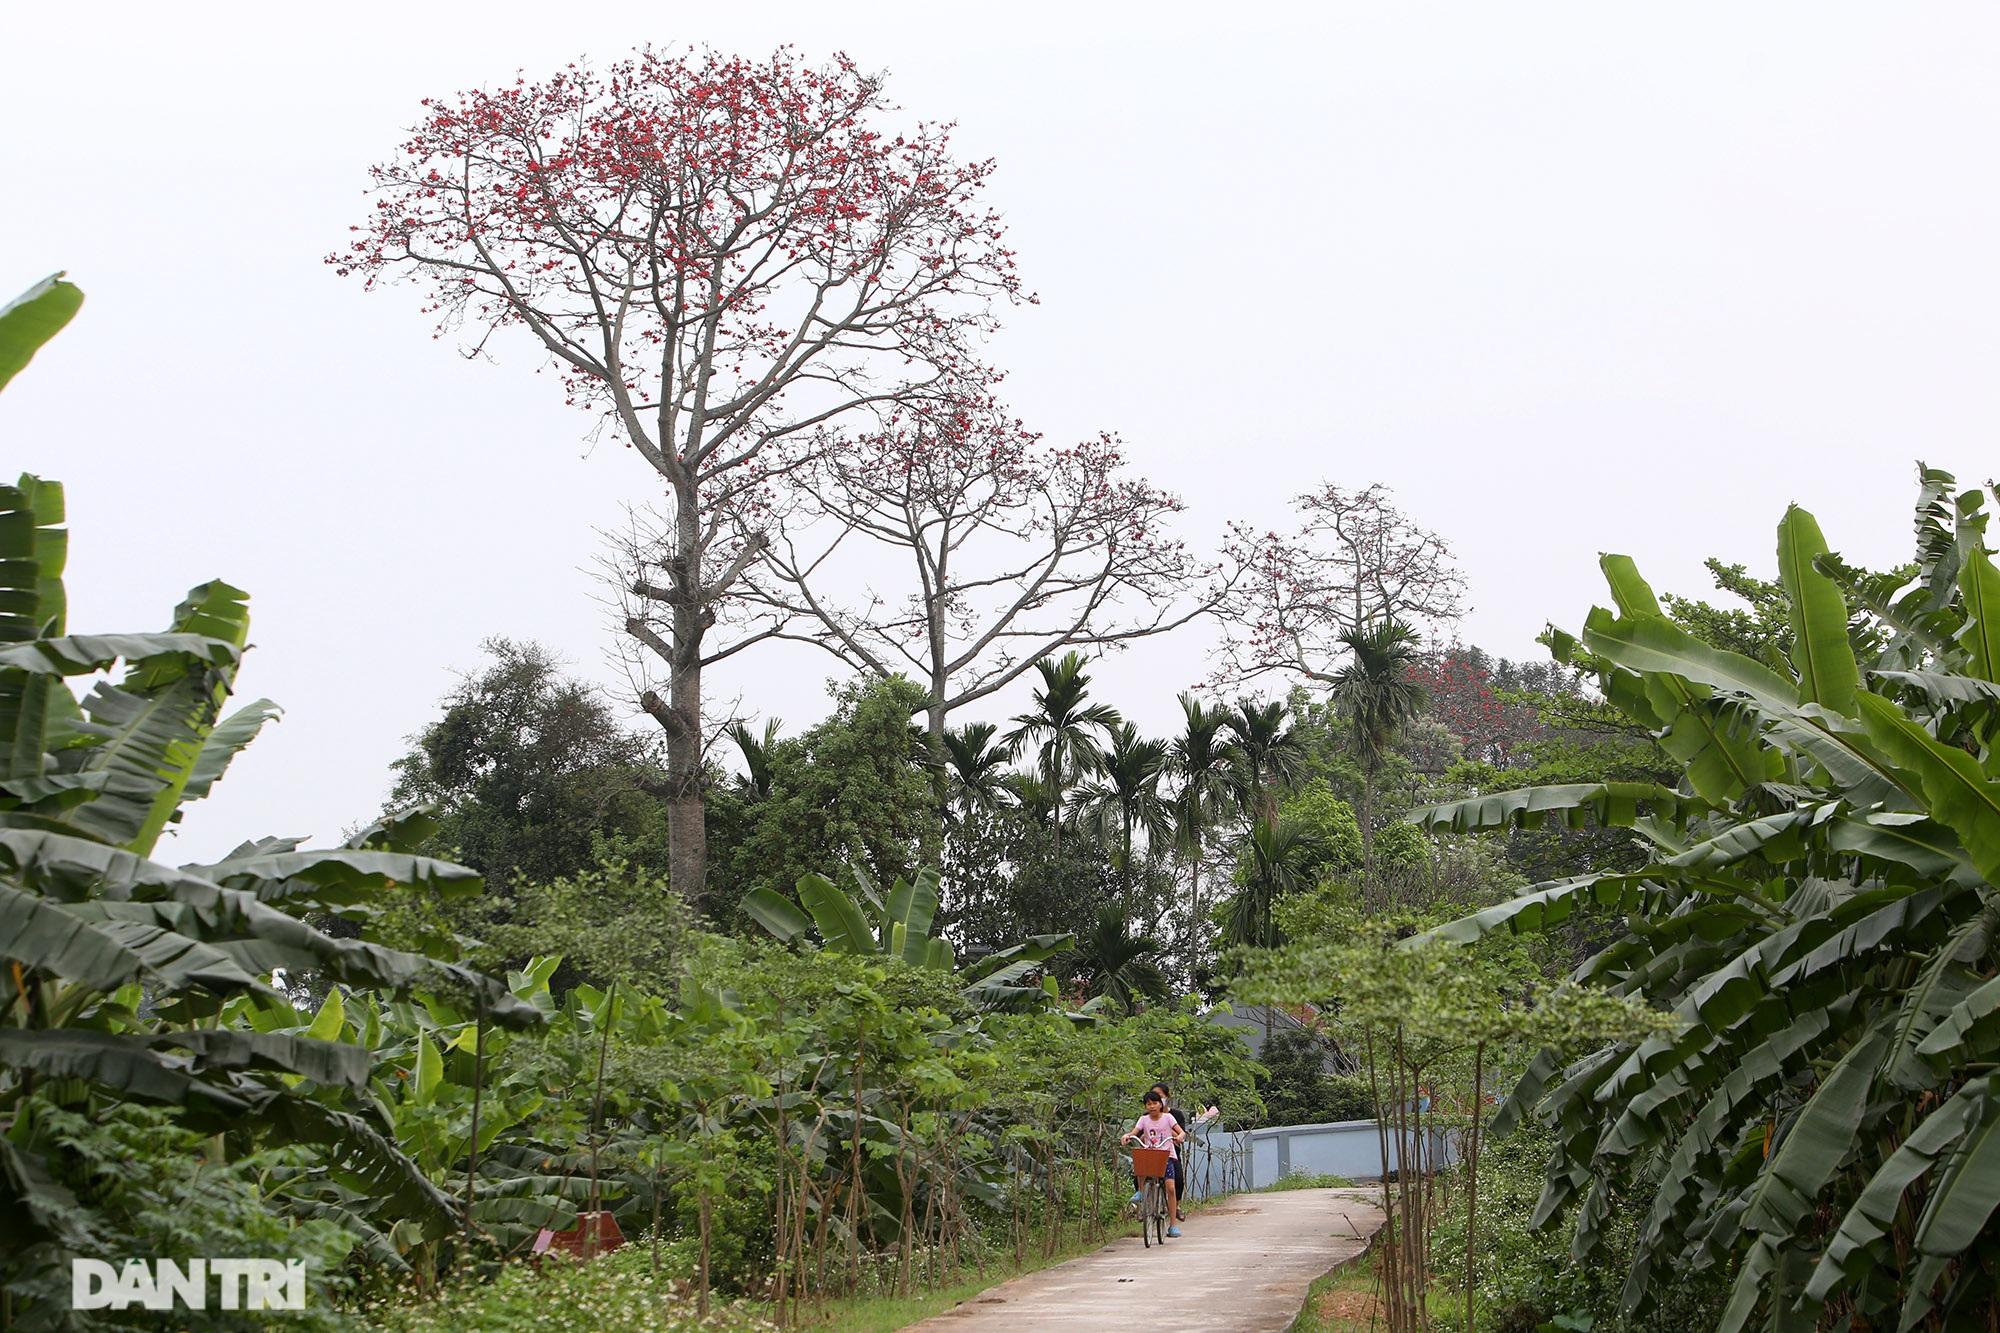 Hoa gạo nở đẹp sâu lắng vùng ngoại thành Hà Nội - 5